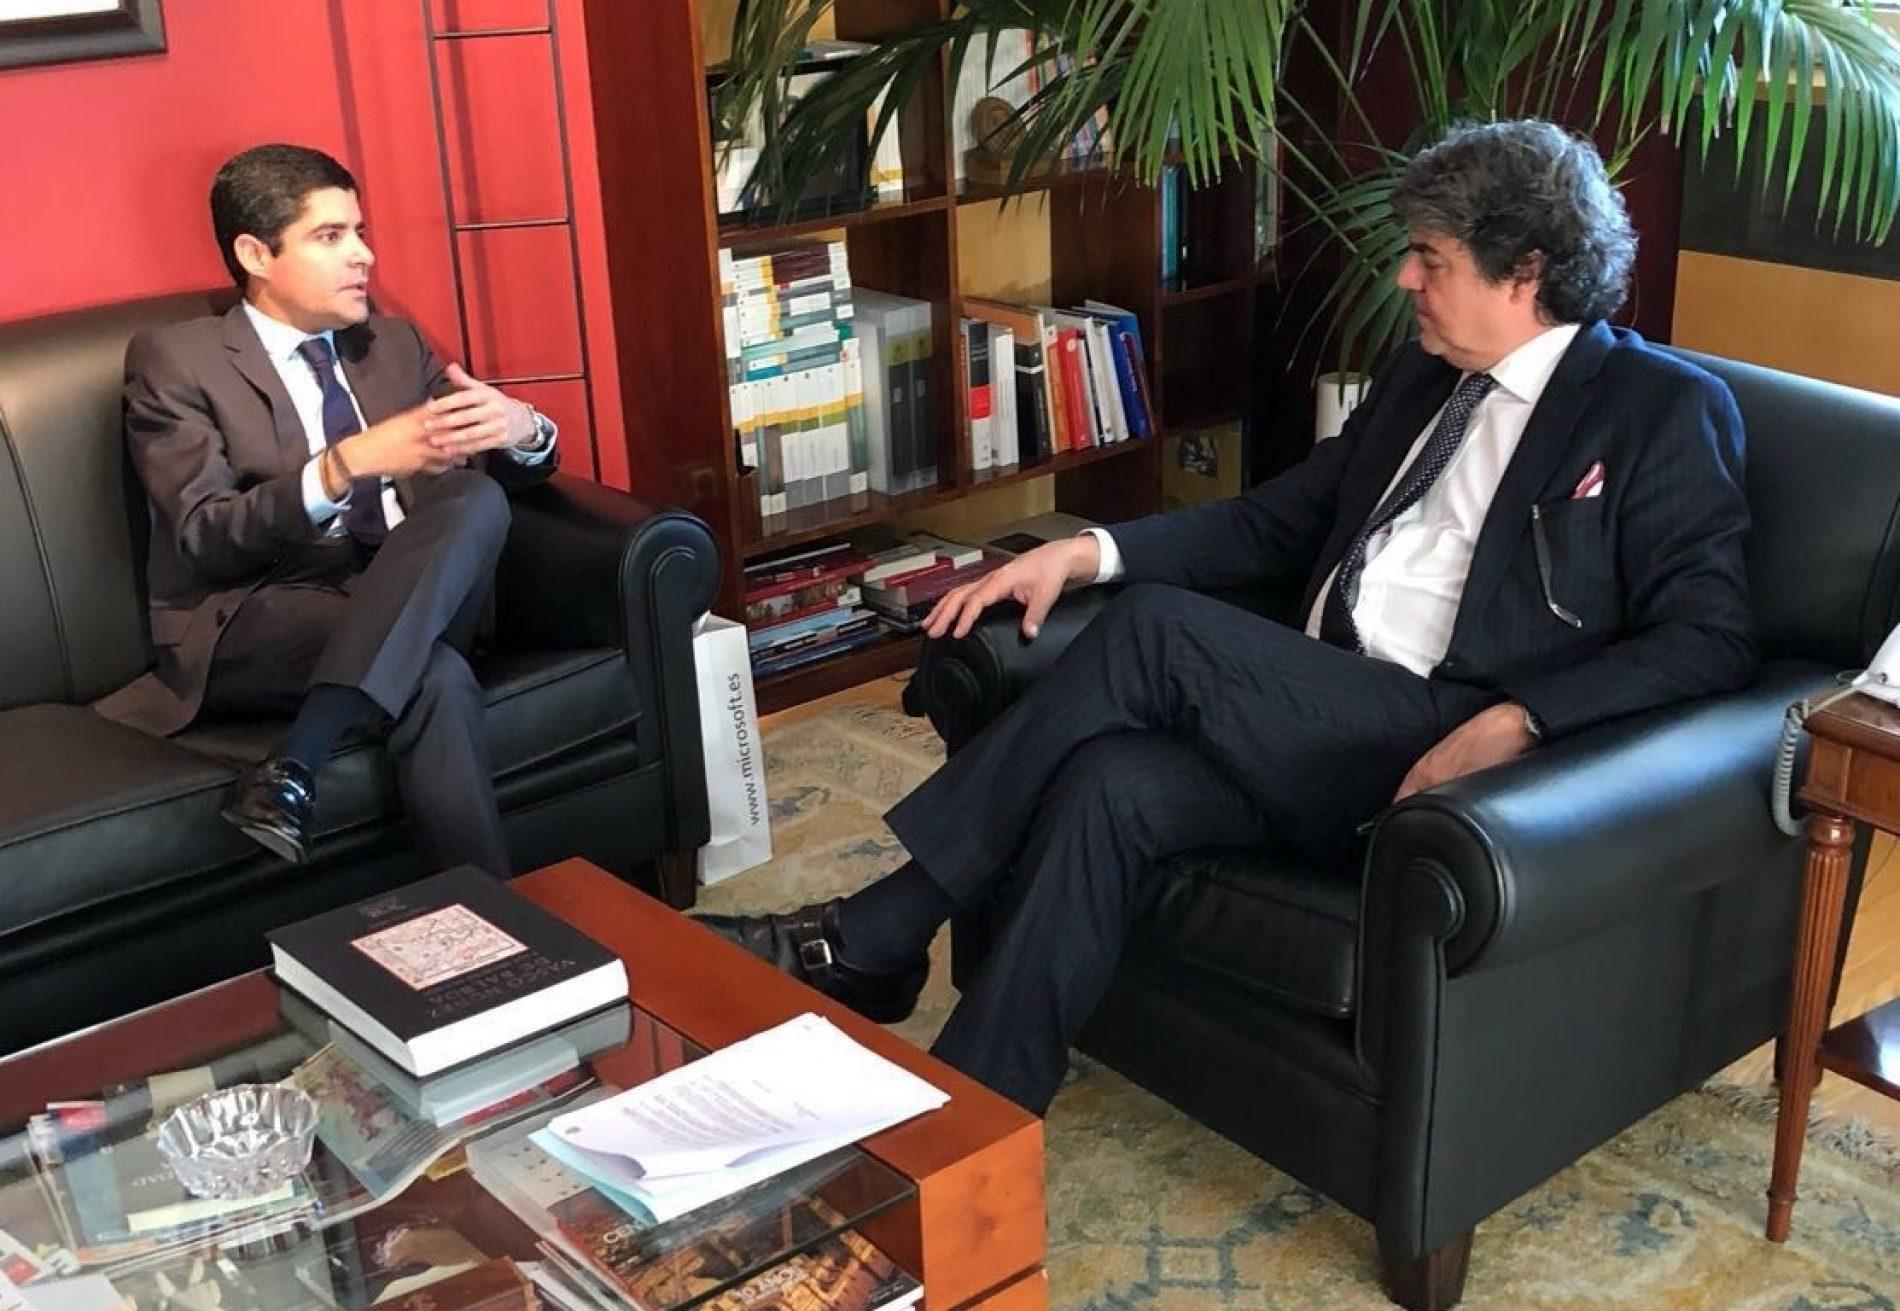 Cenários e possíveis investimentos entre Salvador e Espanha são tratados em encontro